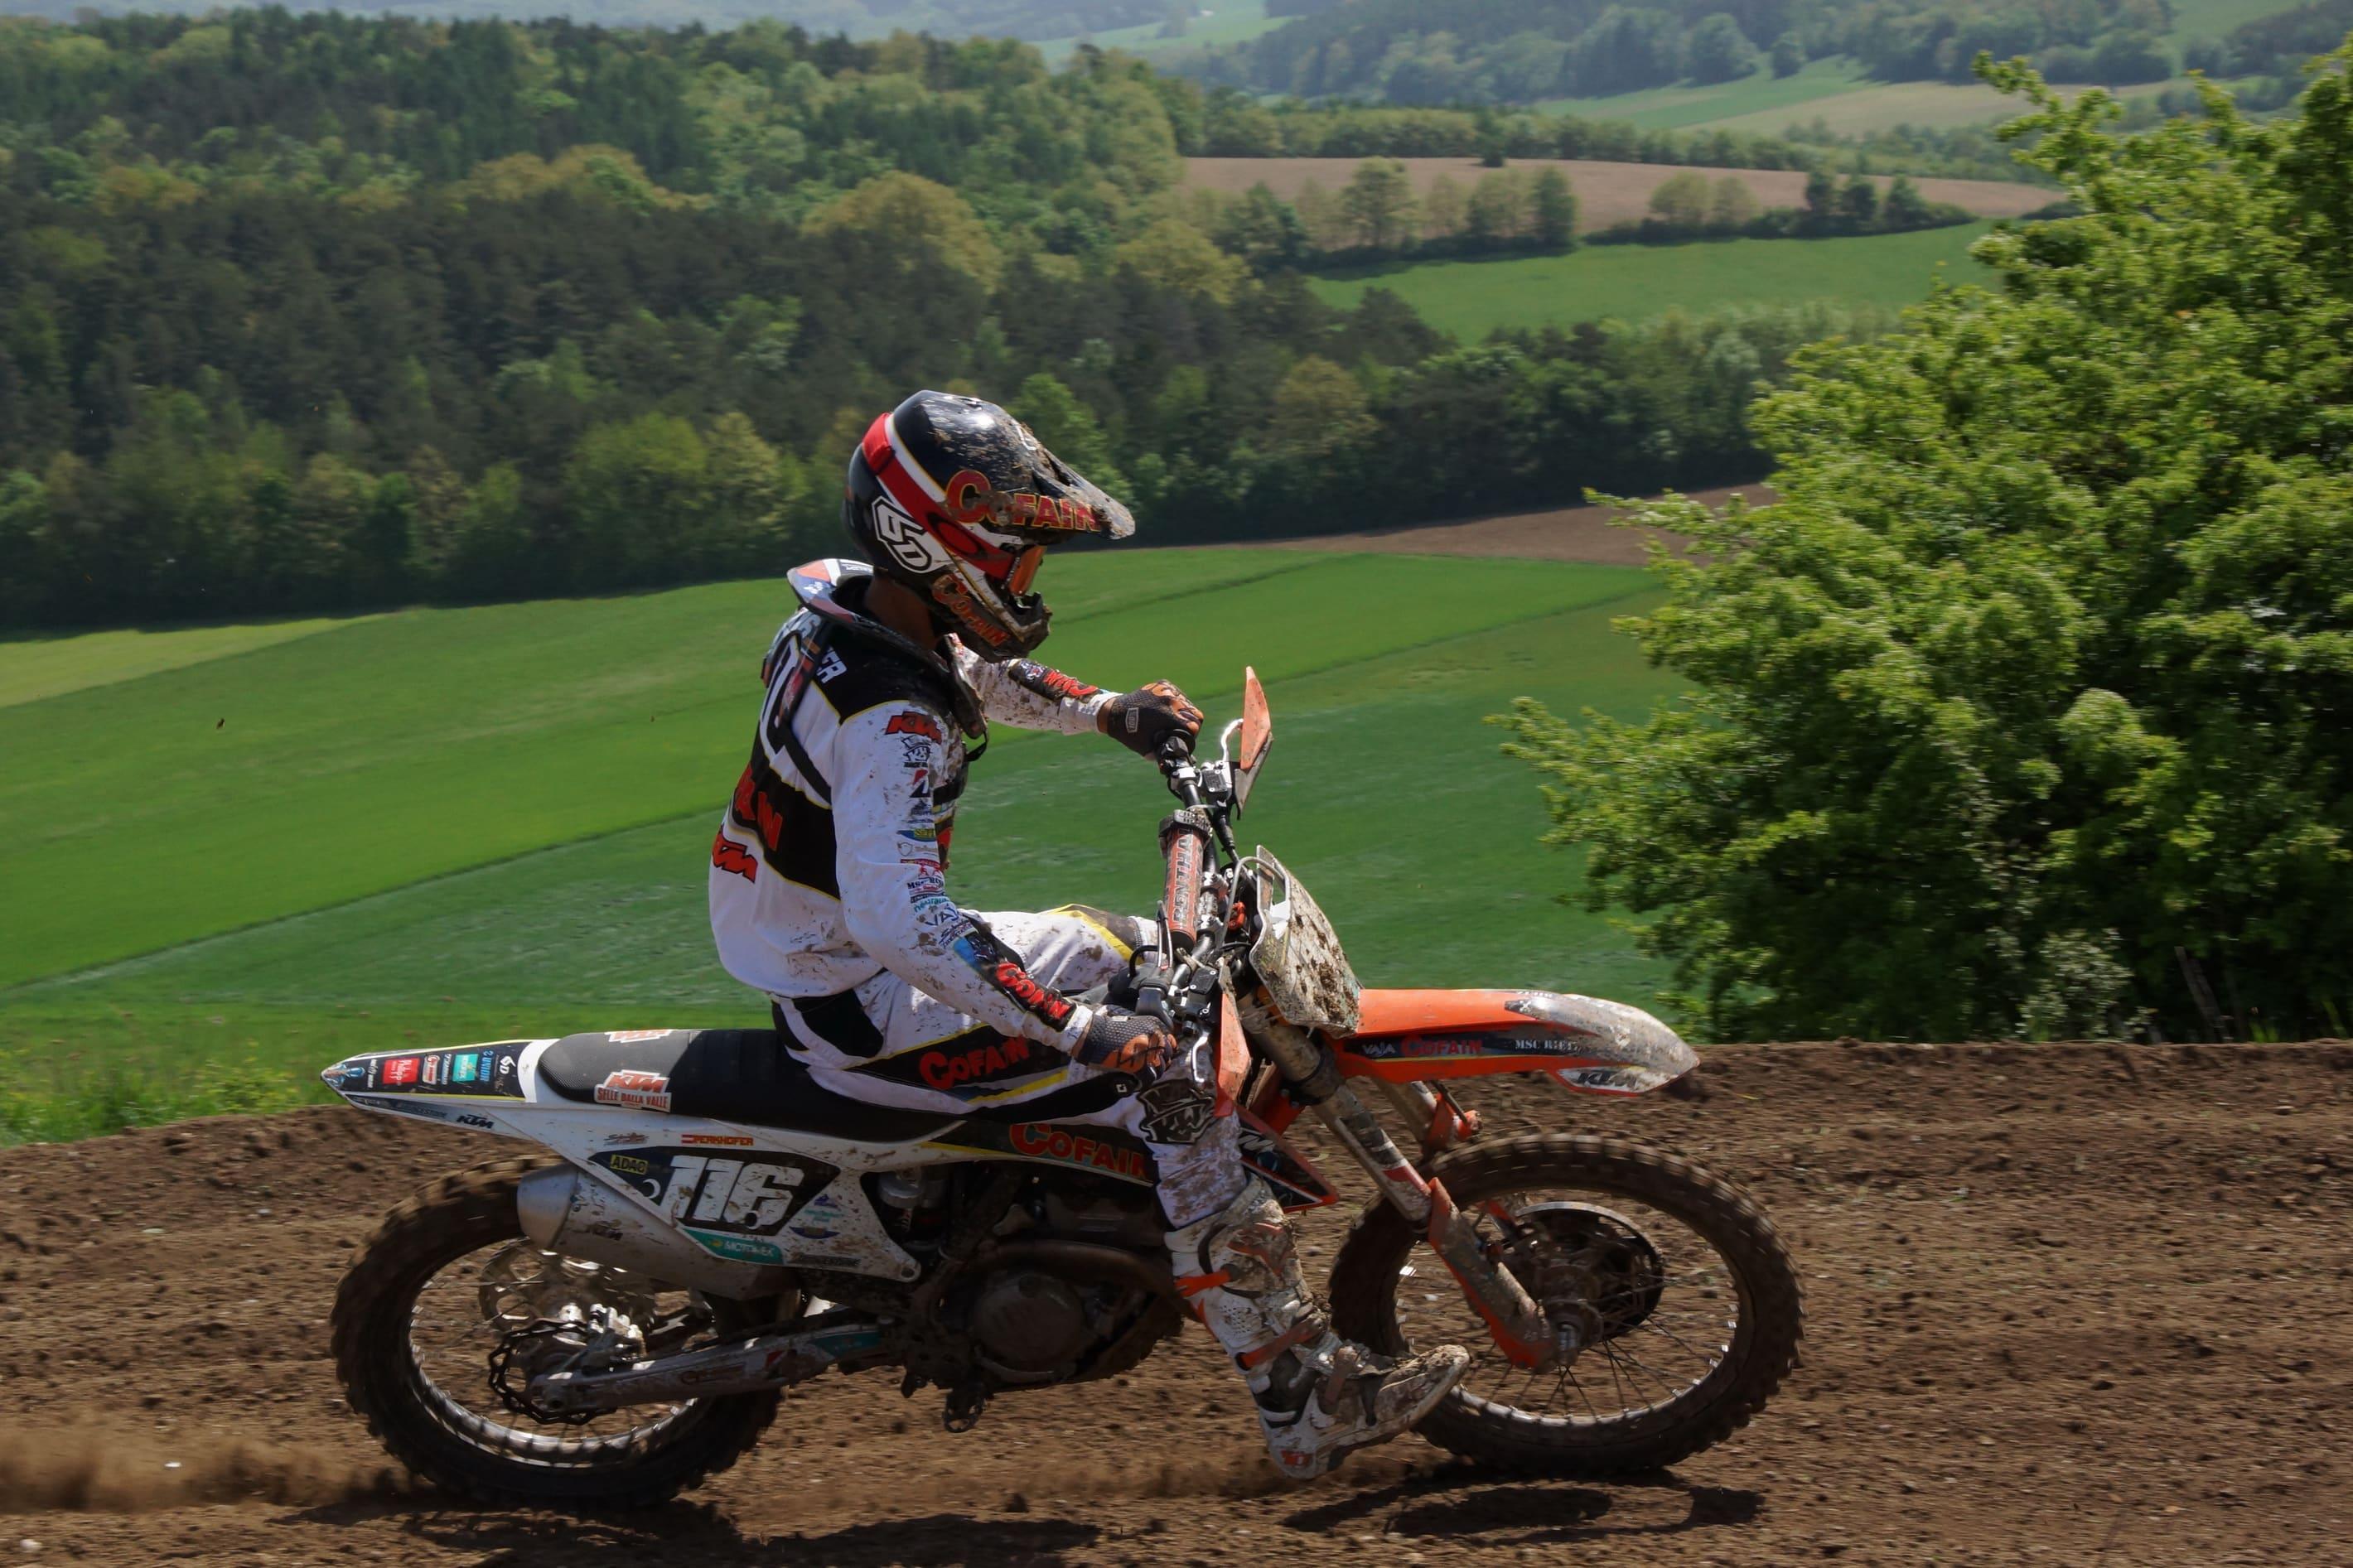 DSC1097_Moto Cross Sittendorf